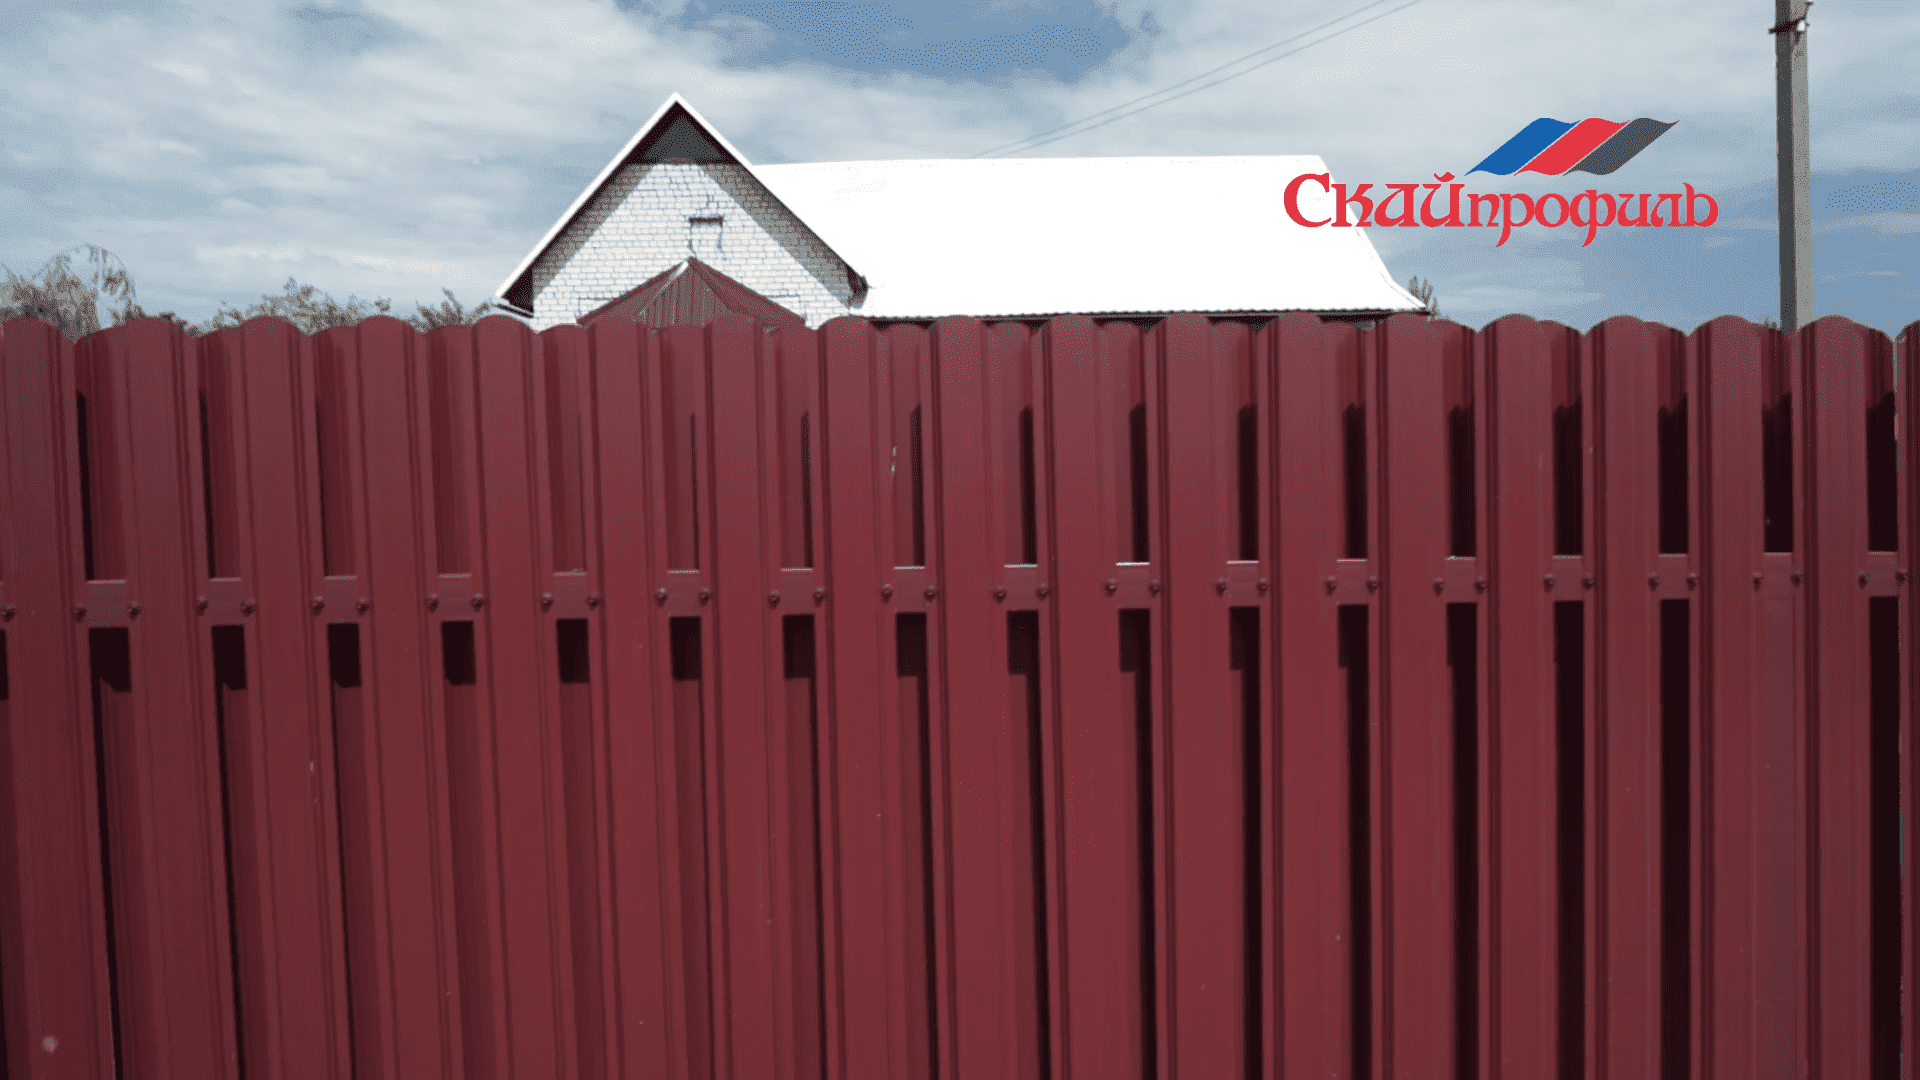 О том,какой забор лучше – из металлического штакетника или из сетки рабицы, мы поговорили с сотрудником одной из профильных компаний и вот, что узнали.